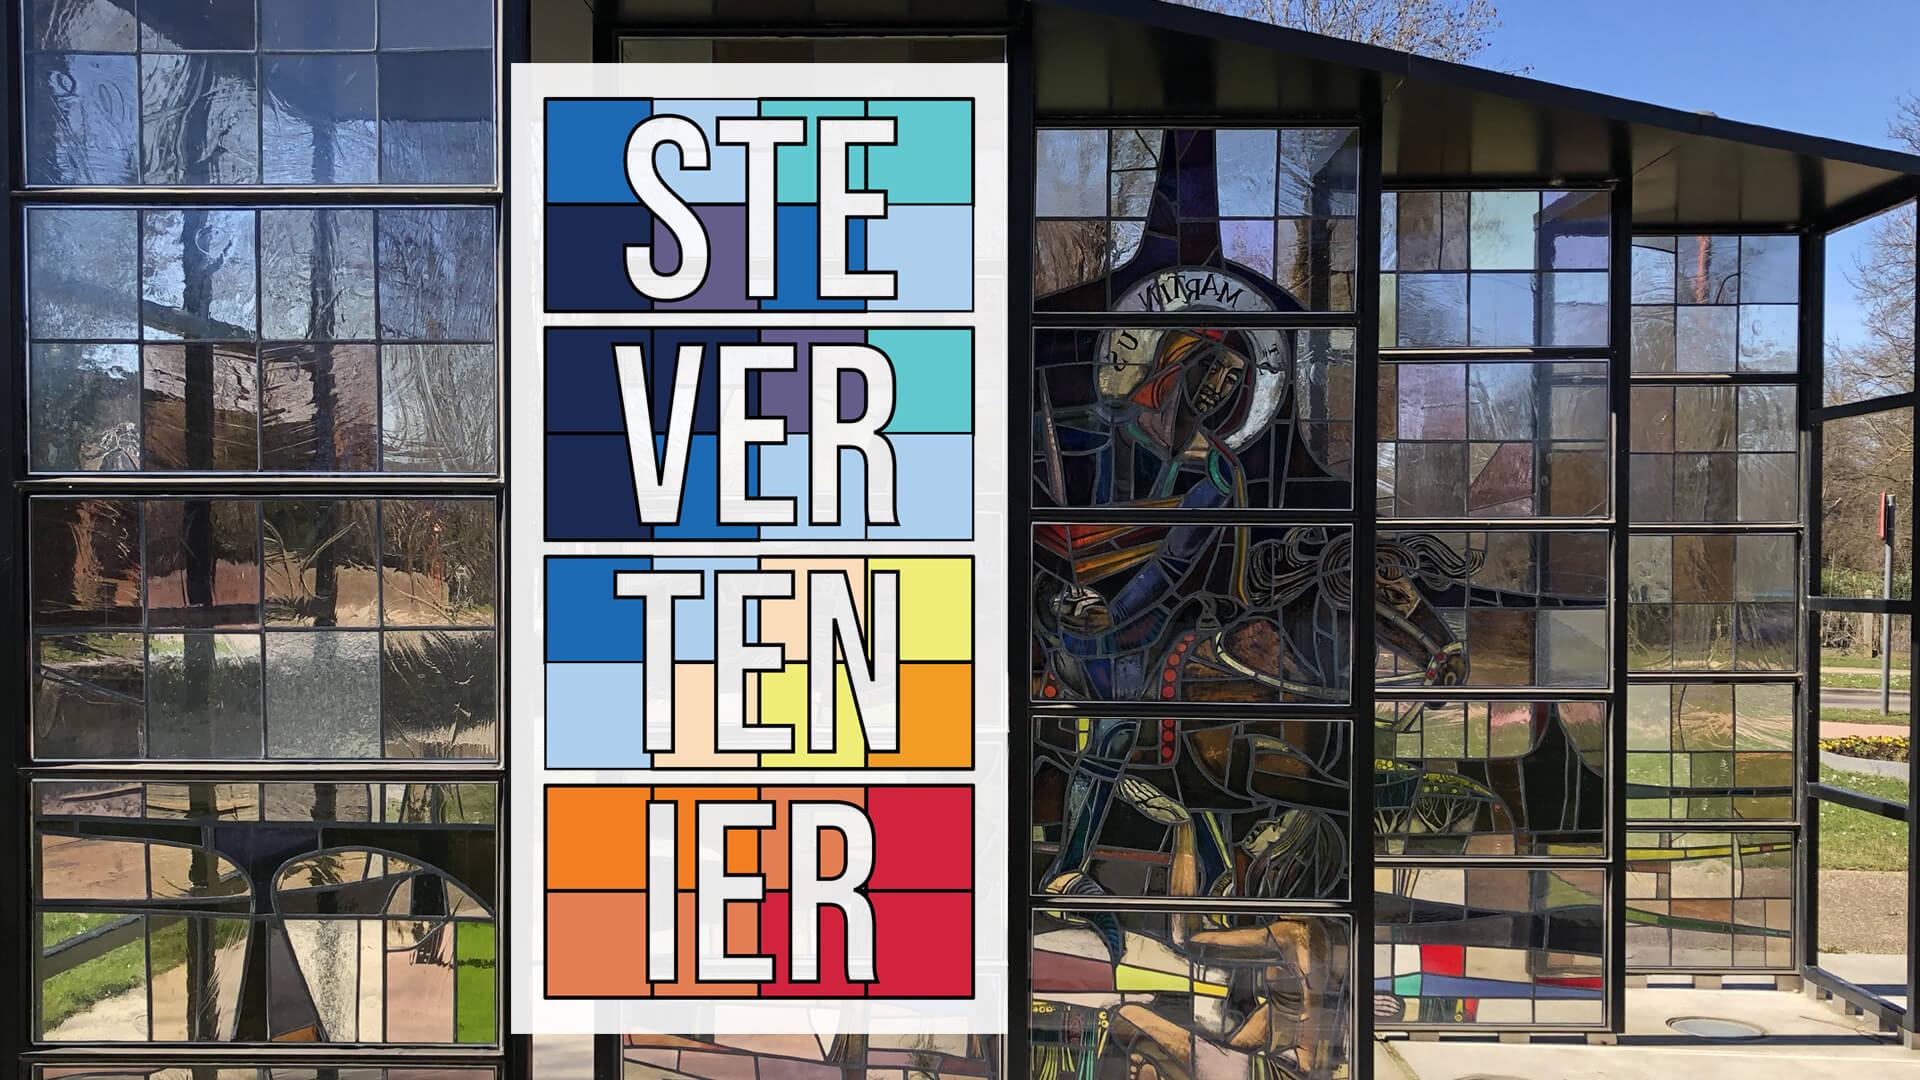 Stevertenier